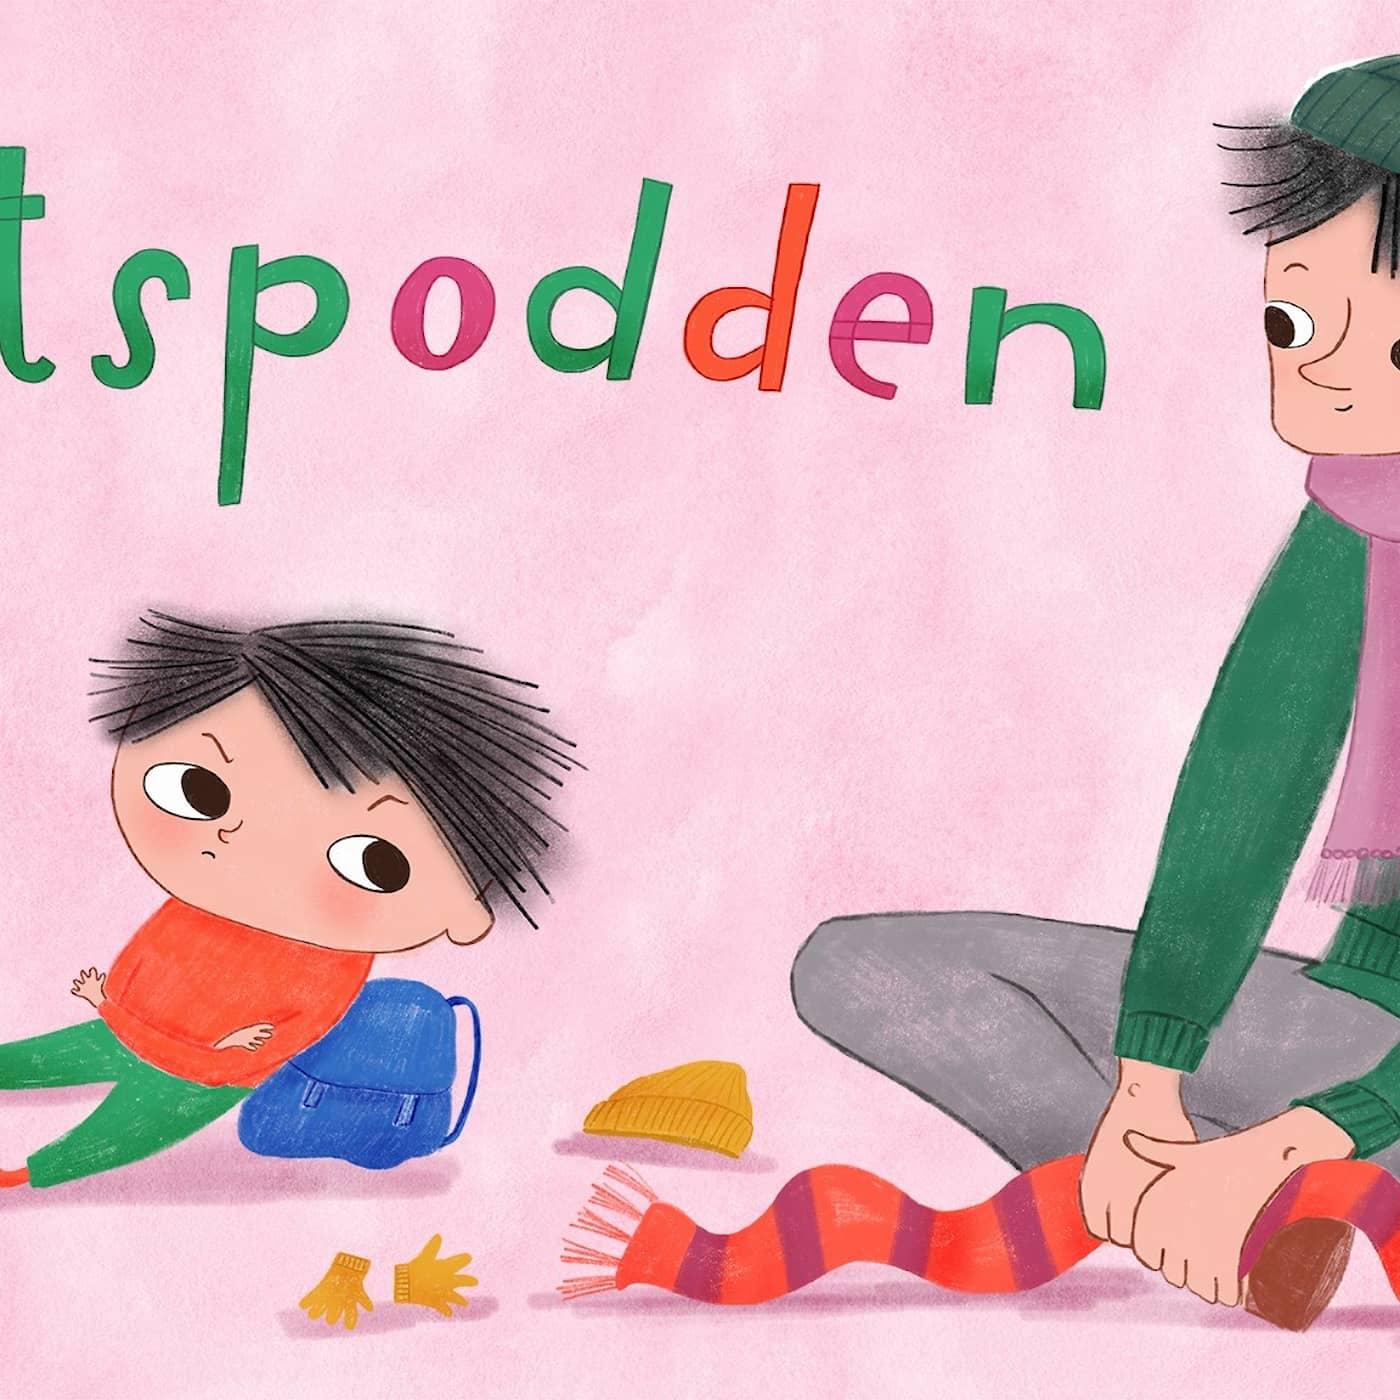 Tips: Trotspodden